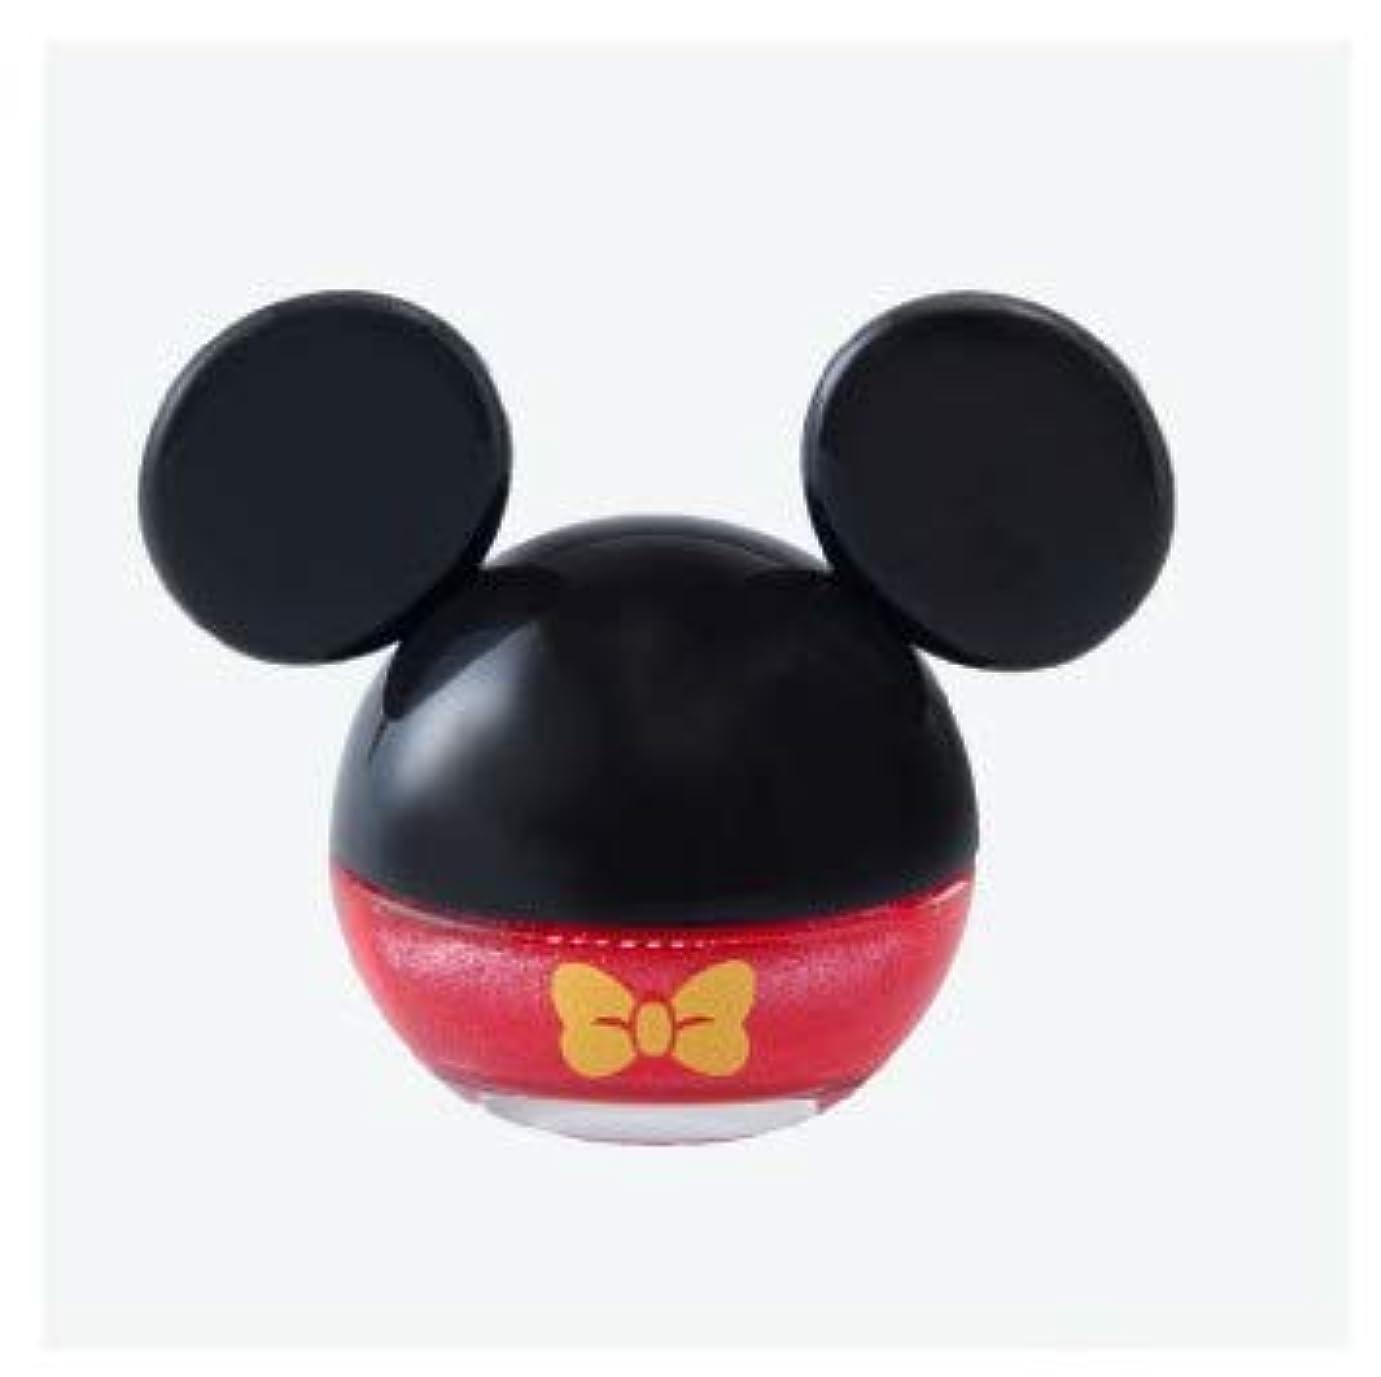 乱暴な最もサラダディズニー 芳香剤 ルームフレグランス ジェル ミッキー(ミッキーマウス) せっけんの香り 東京ディズニーリゾート TDR